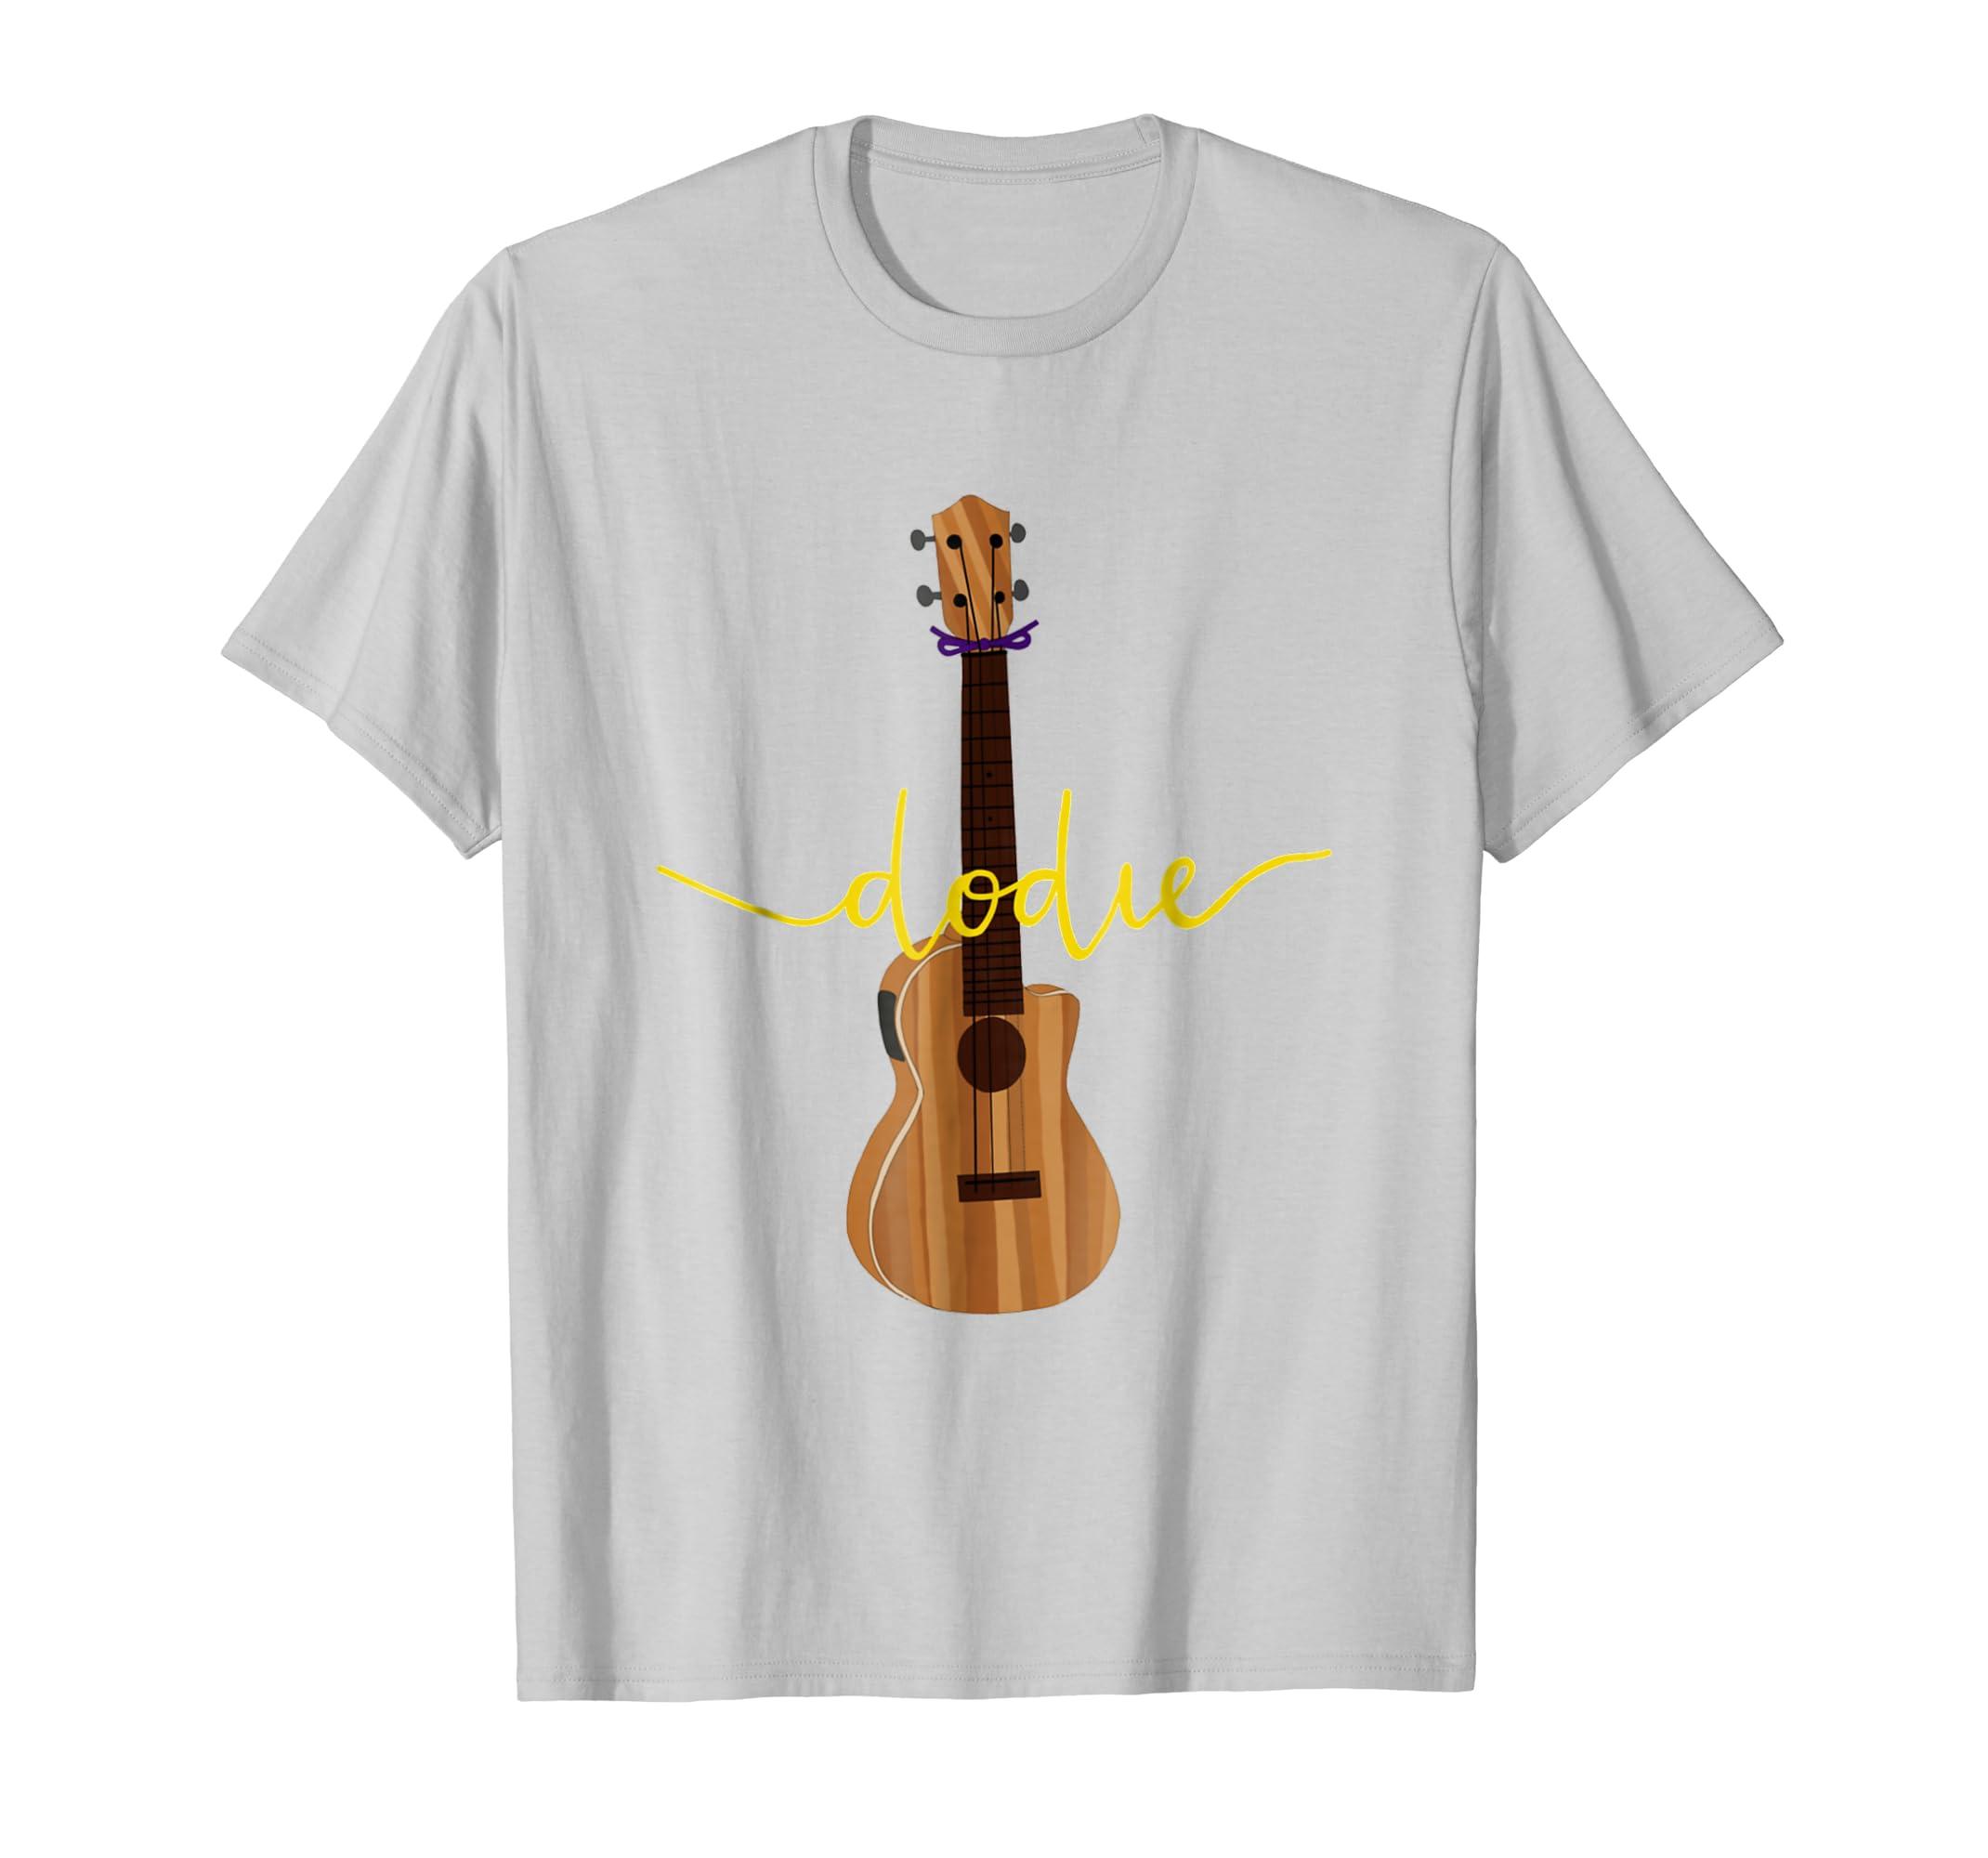 ad9cafd7 Amazon.com: Dodie Ukulele T Shirt with Dodie Logo: Clothing